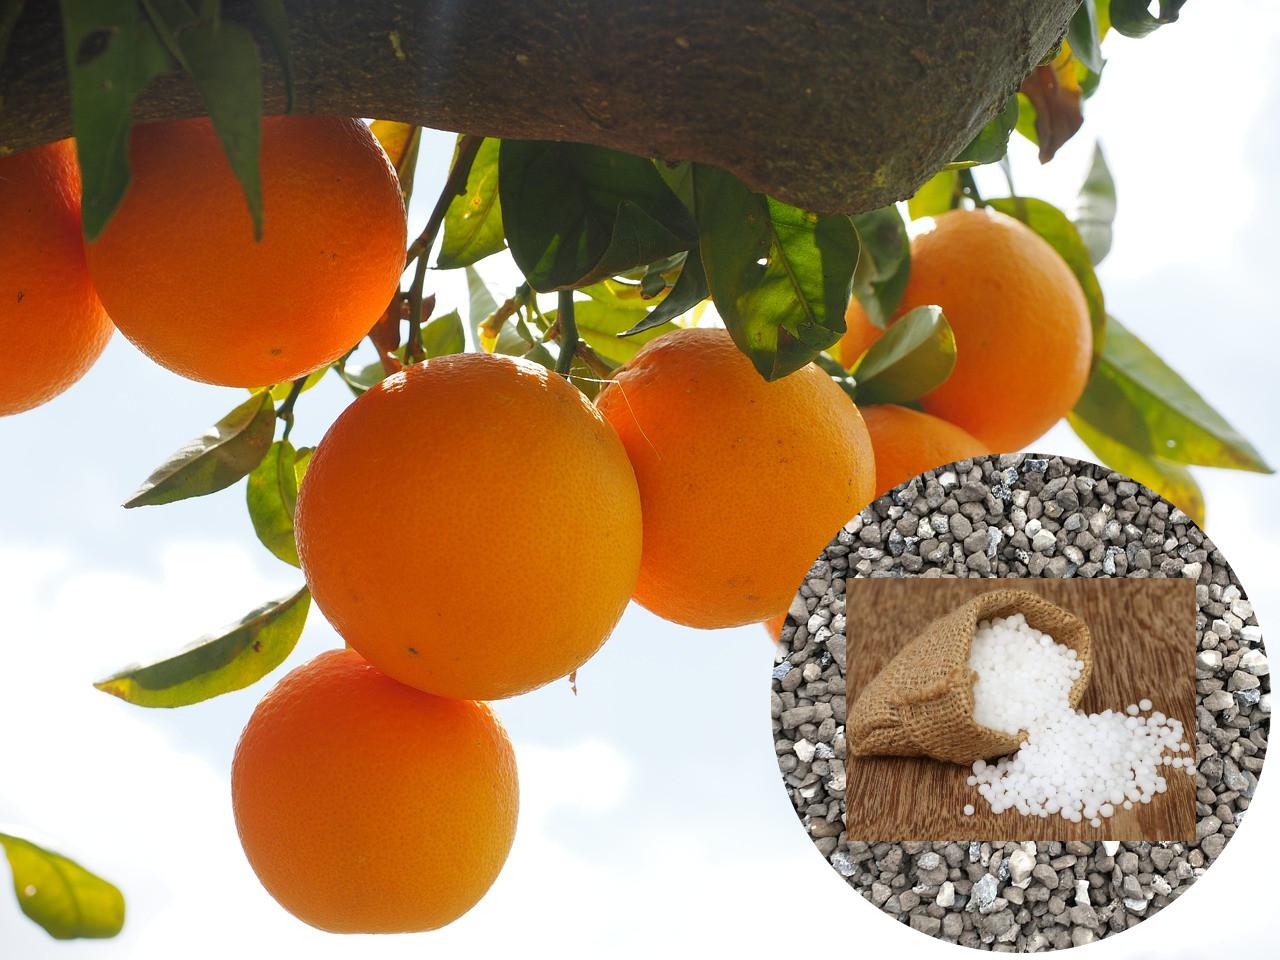 Удобрения для цитрусовых. Когда, чем и как?